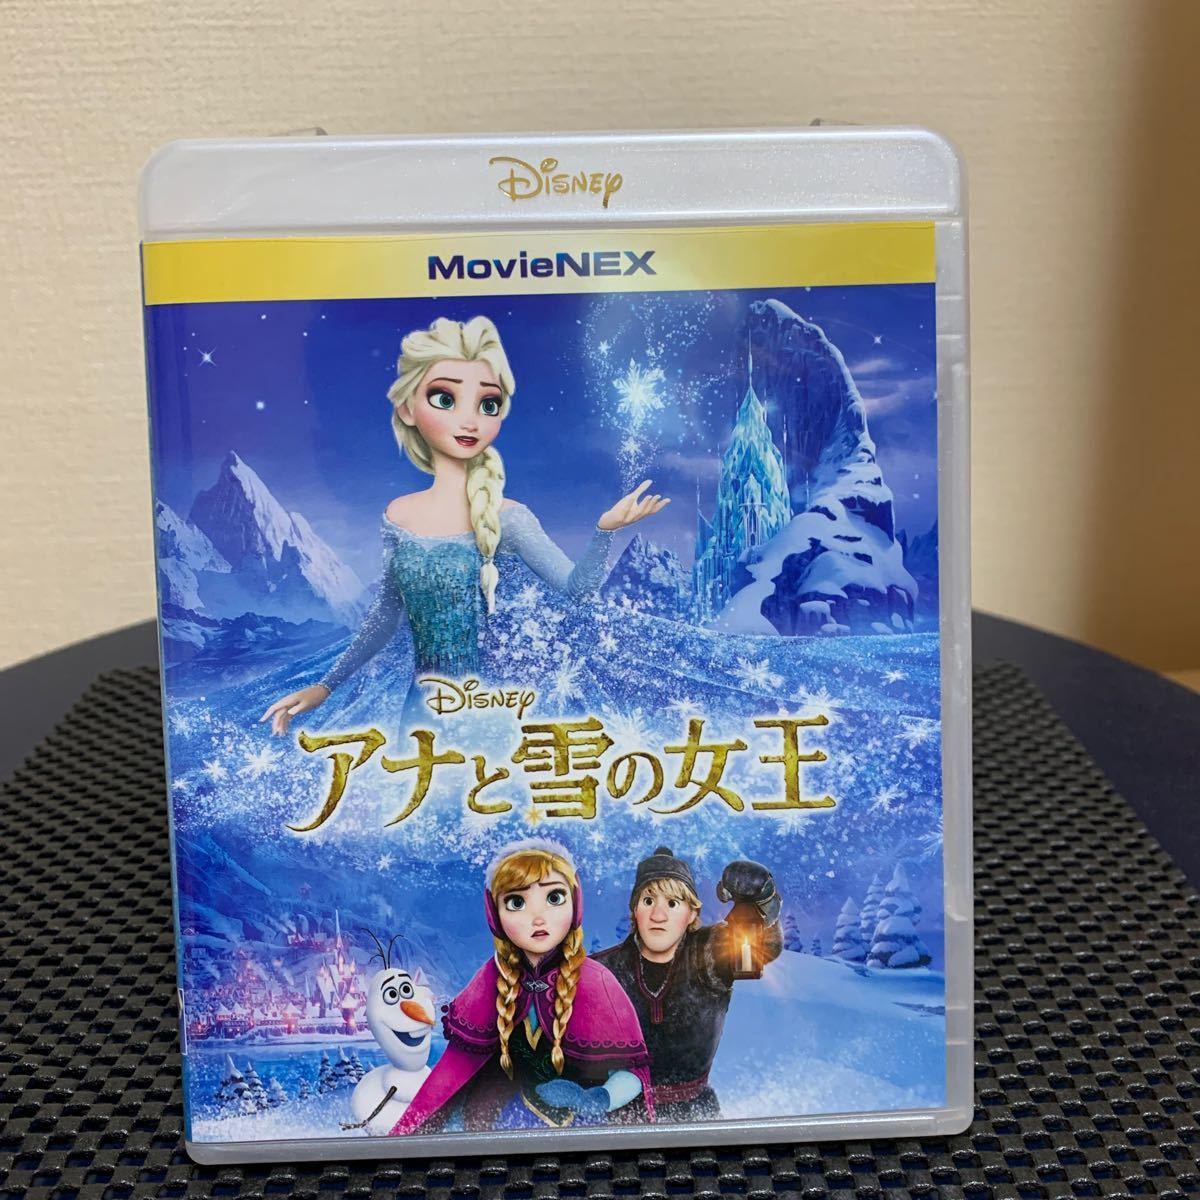 アナと雪の女王 1・2 DVDセット 正規ケース付き ディズニー